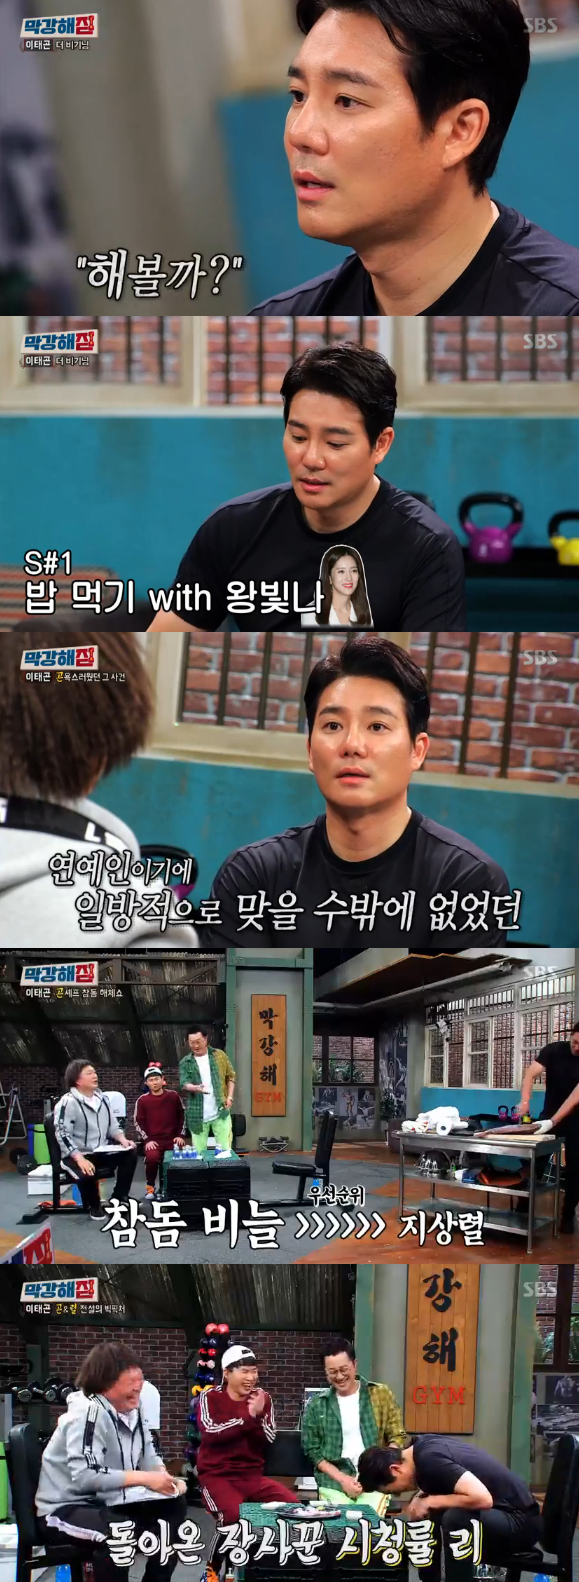 '가로채널' 이태곤이 말하는 #데뷔 광고 #폭행 피해 #낚시왕 (종합)[블랙홀 토토|사이트명 토토]